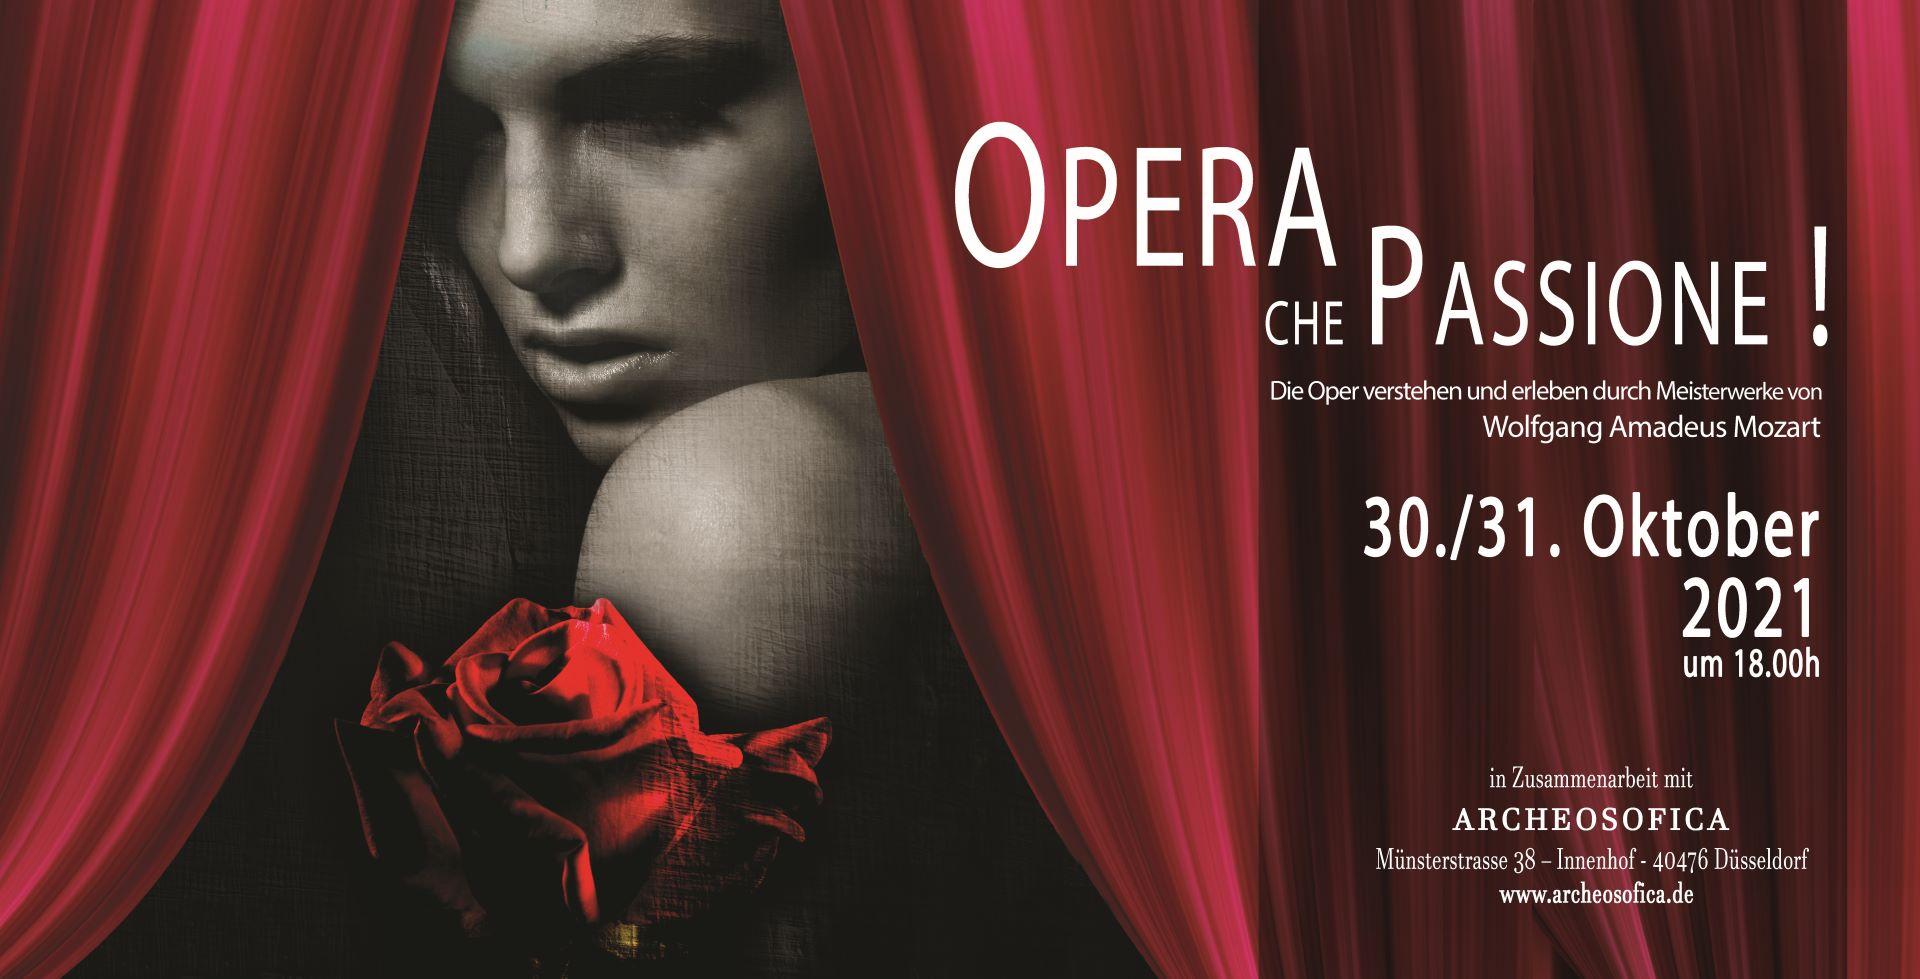 Die Oper verstehen und erleben durch Meisterwerke von Wolfgang Amadeus Mozart